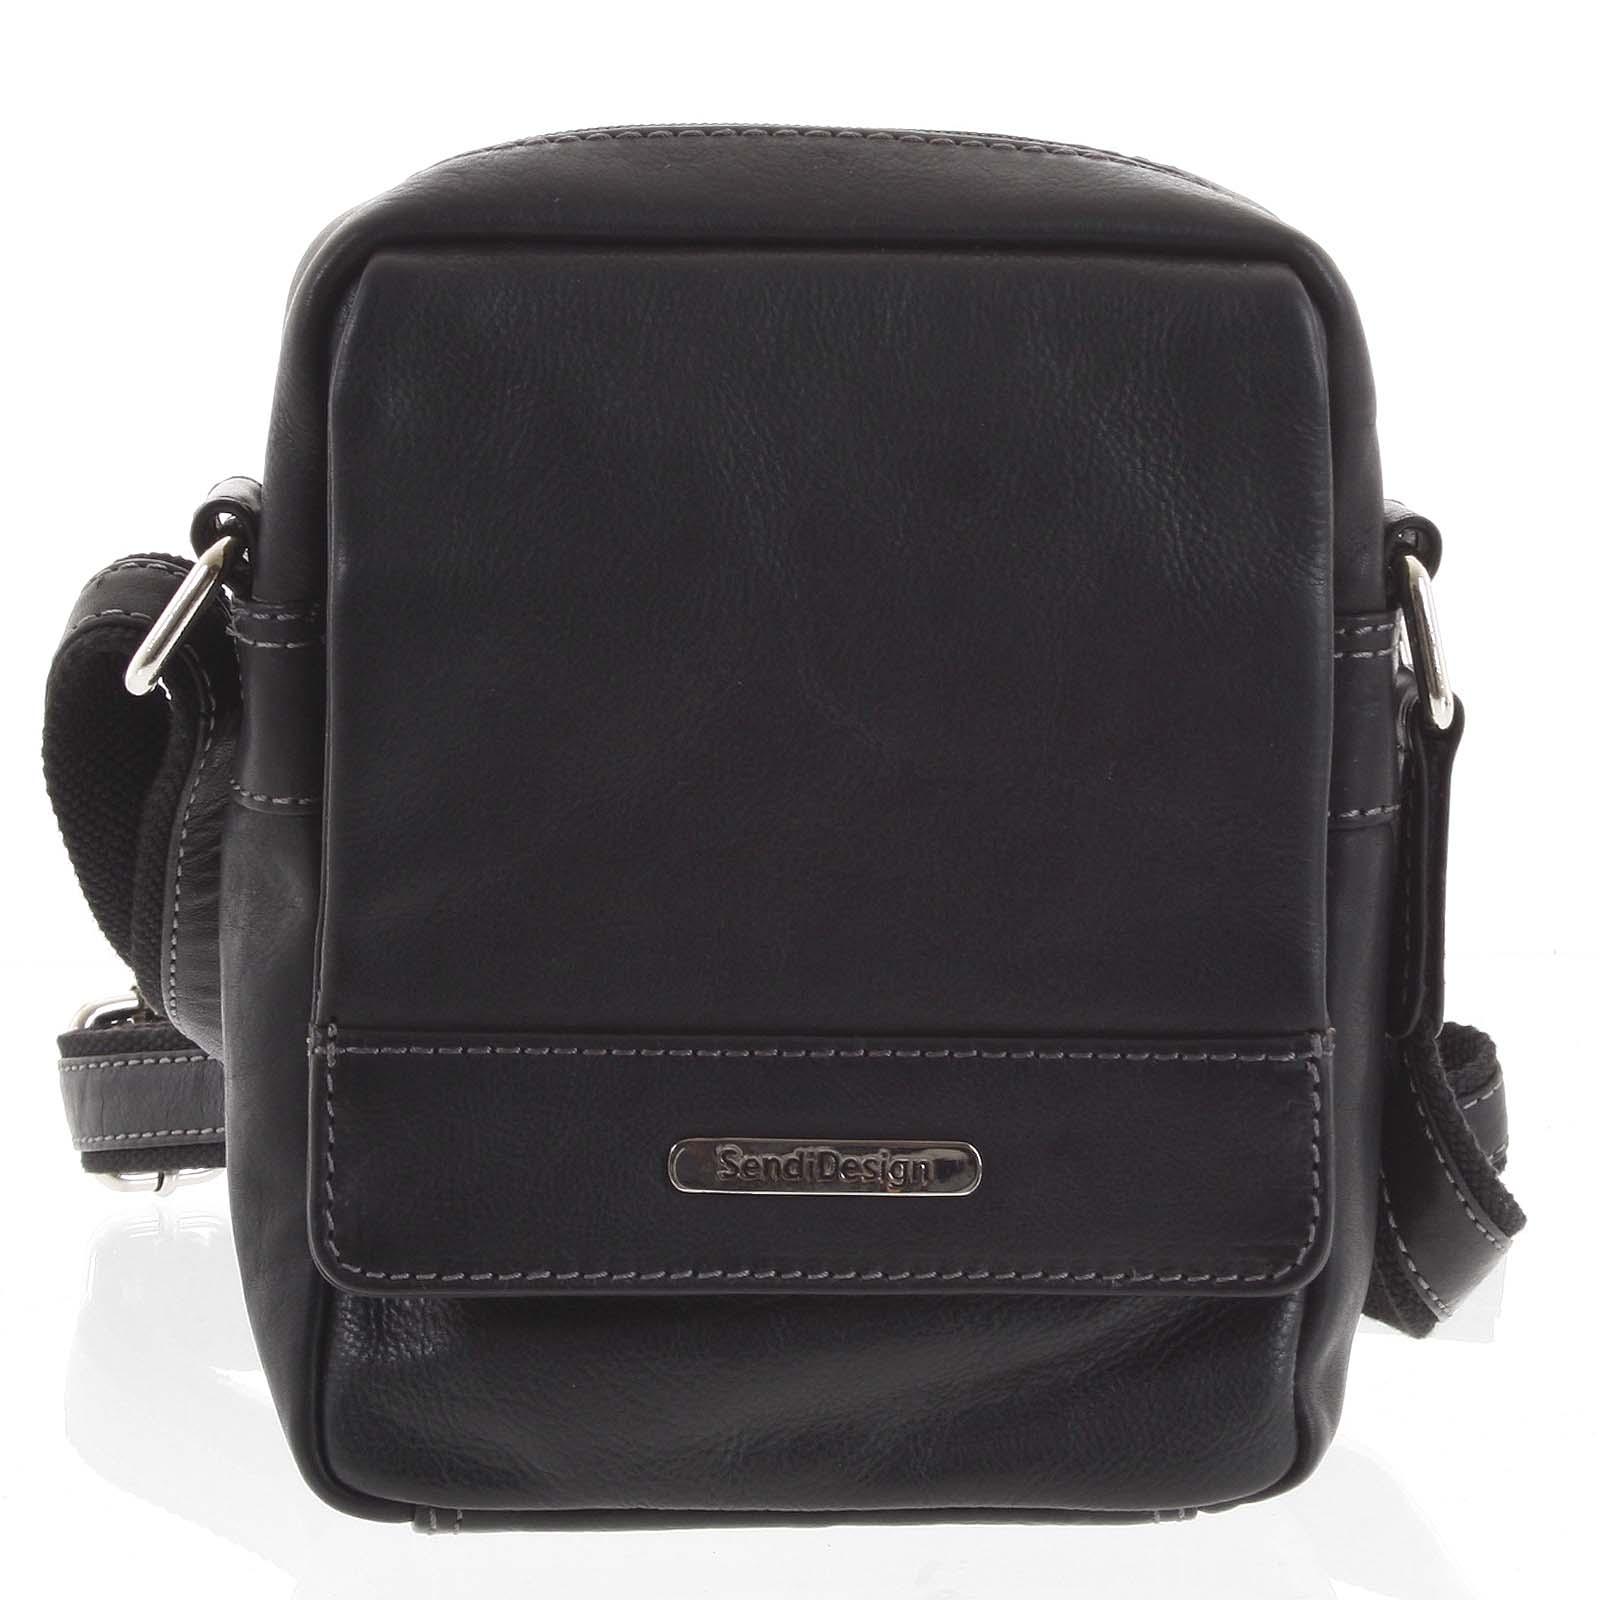 Čierna luxusná pánska kožená crossbody taška - SendiDesign Khalil čierna